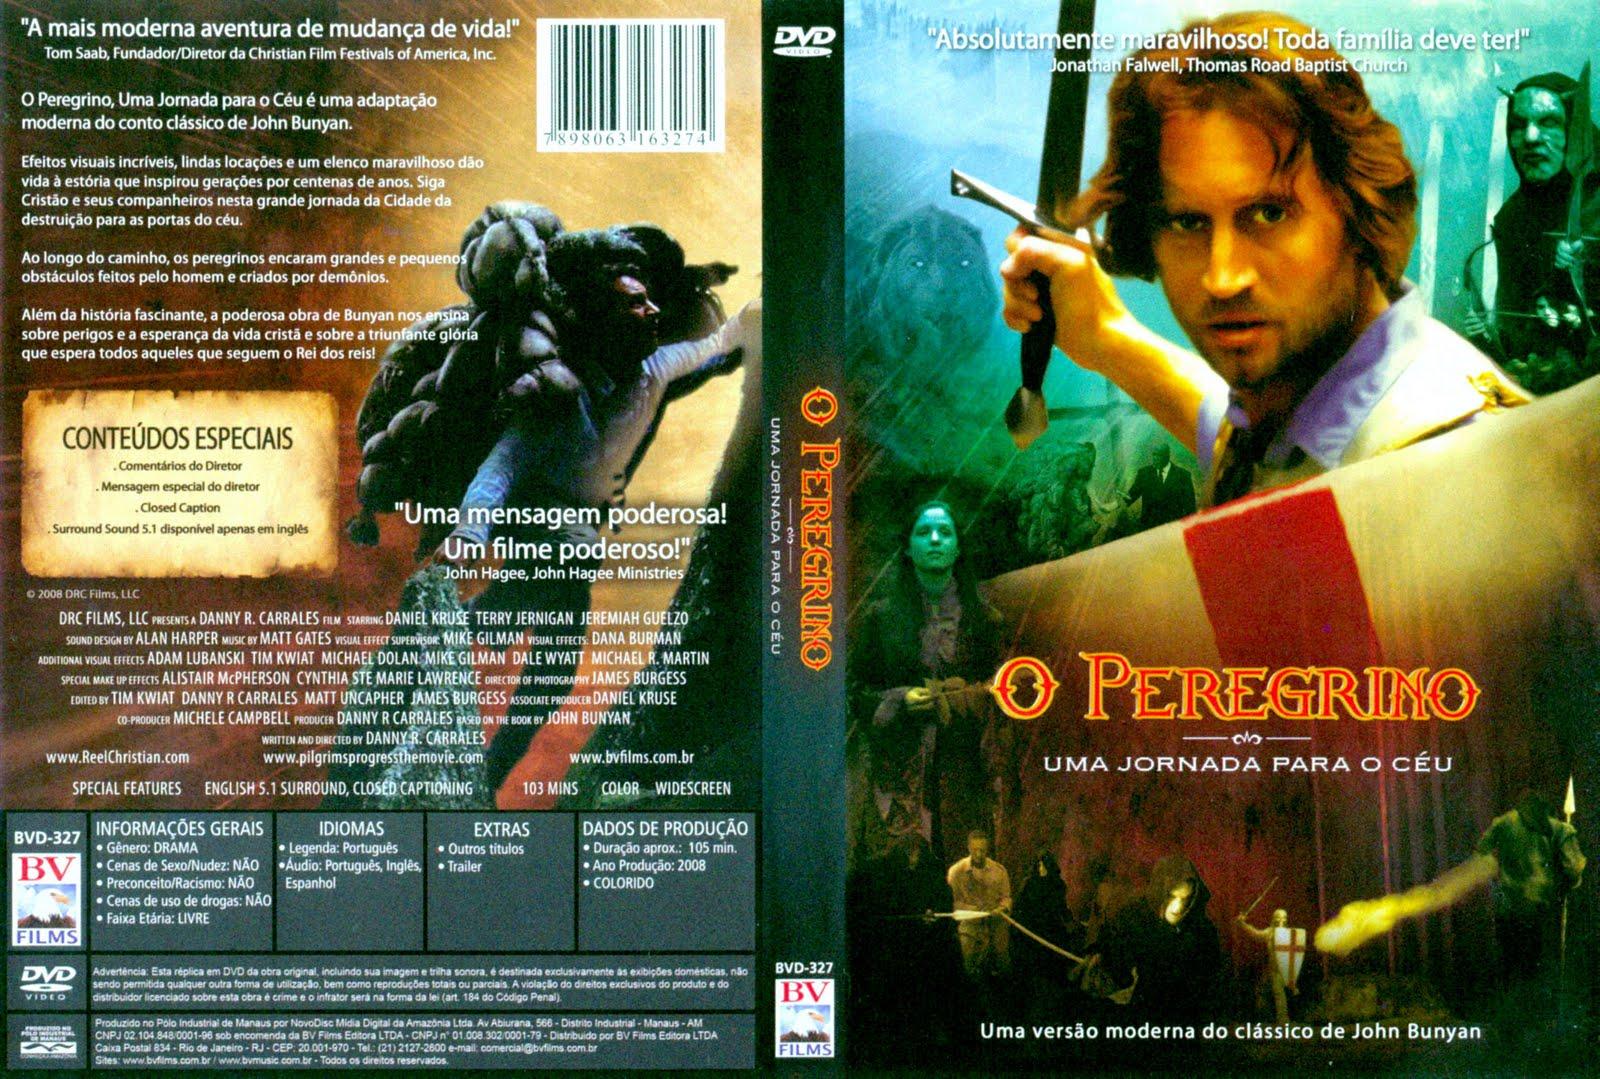 O Peregrino – Uma Jornada para o Céu (Filme completo) O_Peregrino%2B%25281%2529